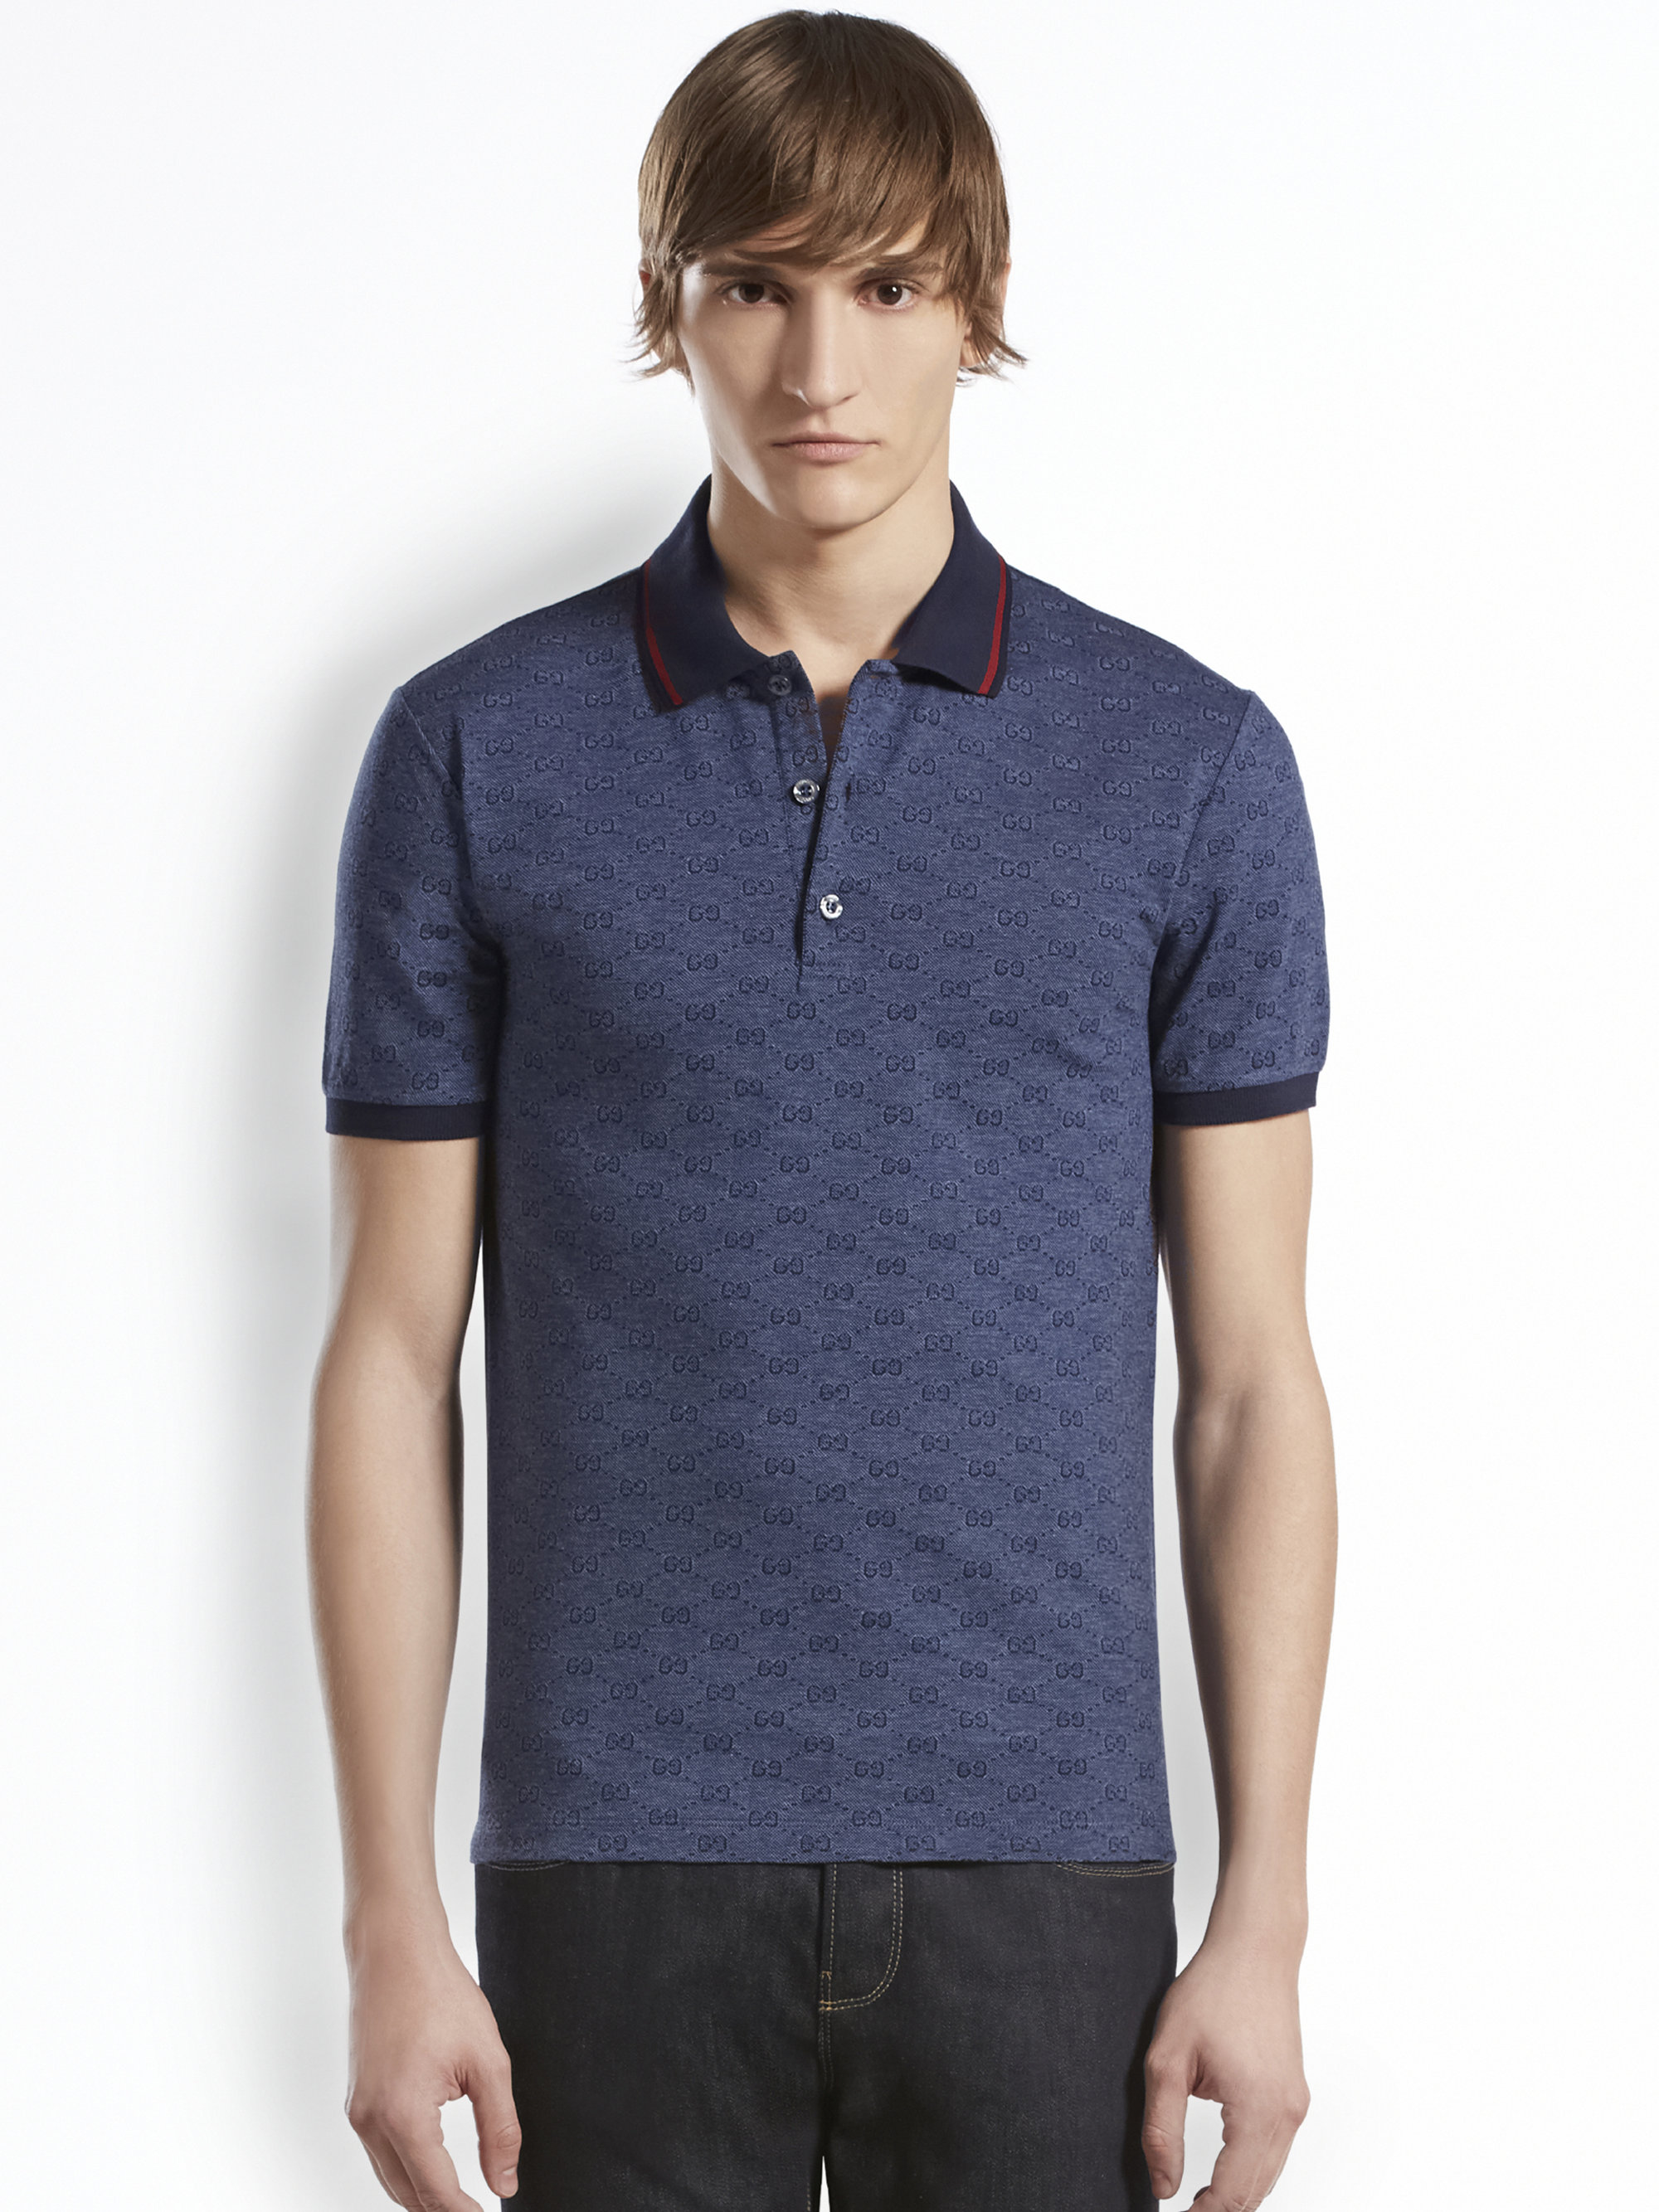 Saks Mens Shirts